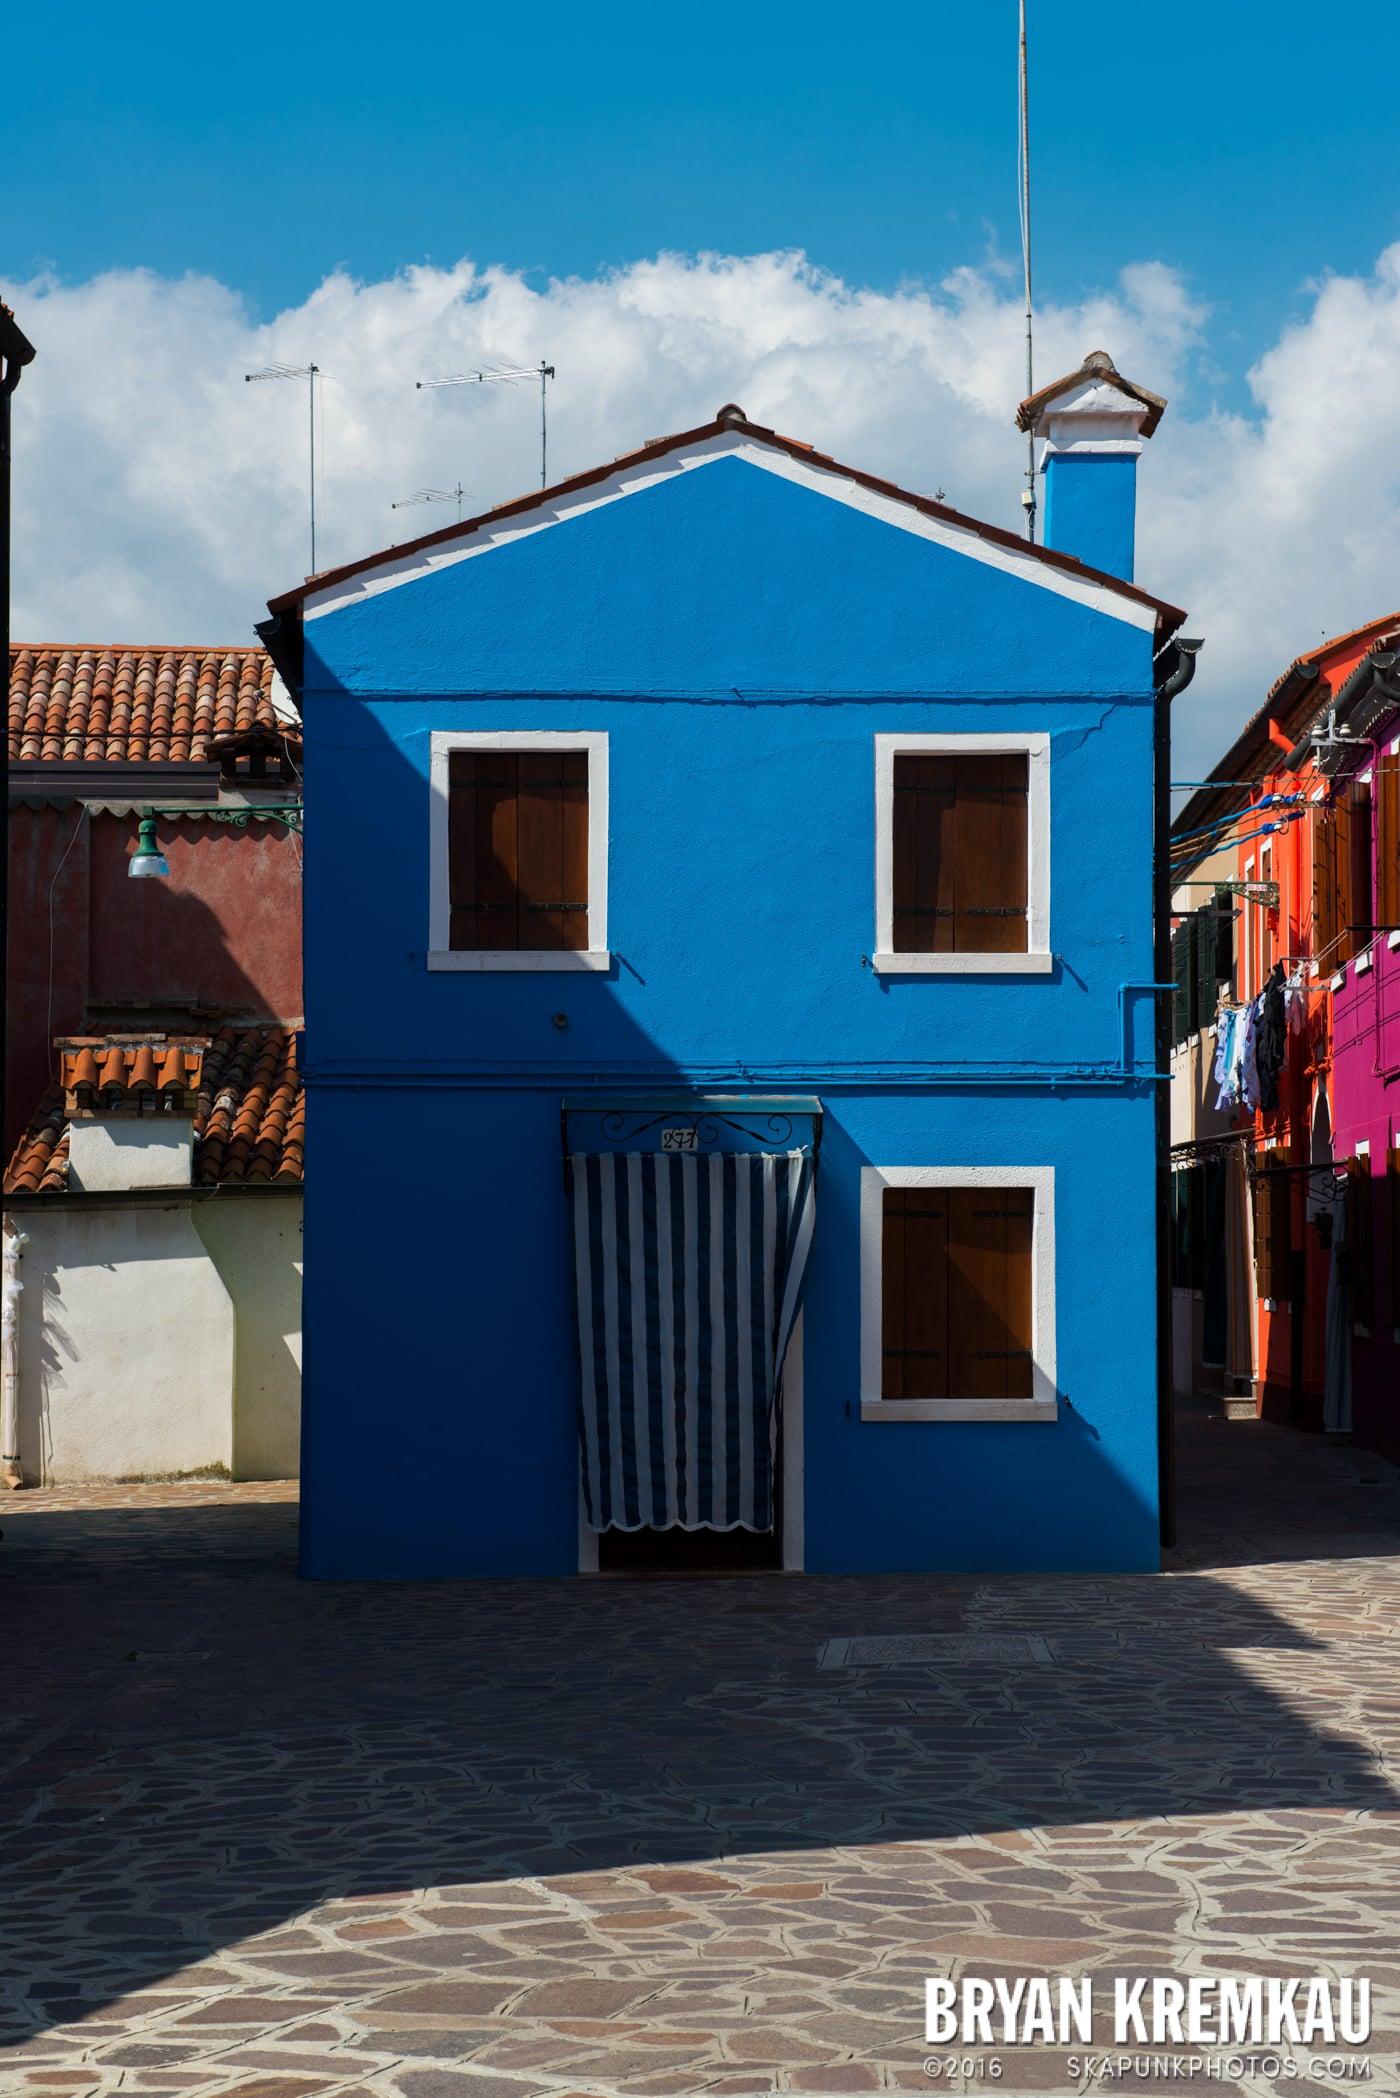 Italy Vacation - Day 6: Murano, Burano, Venice - 9.14.13 (40)